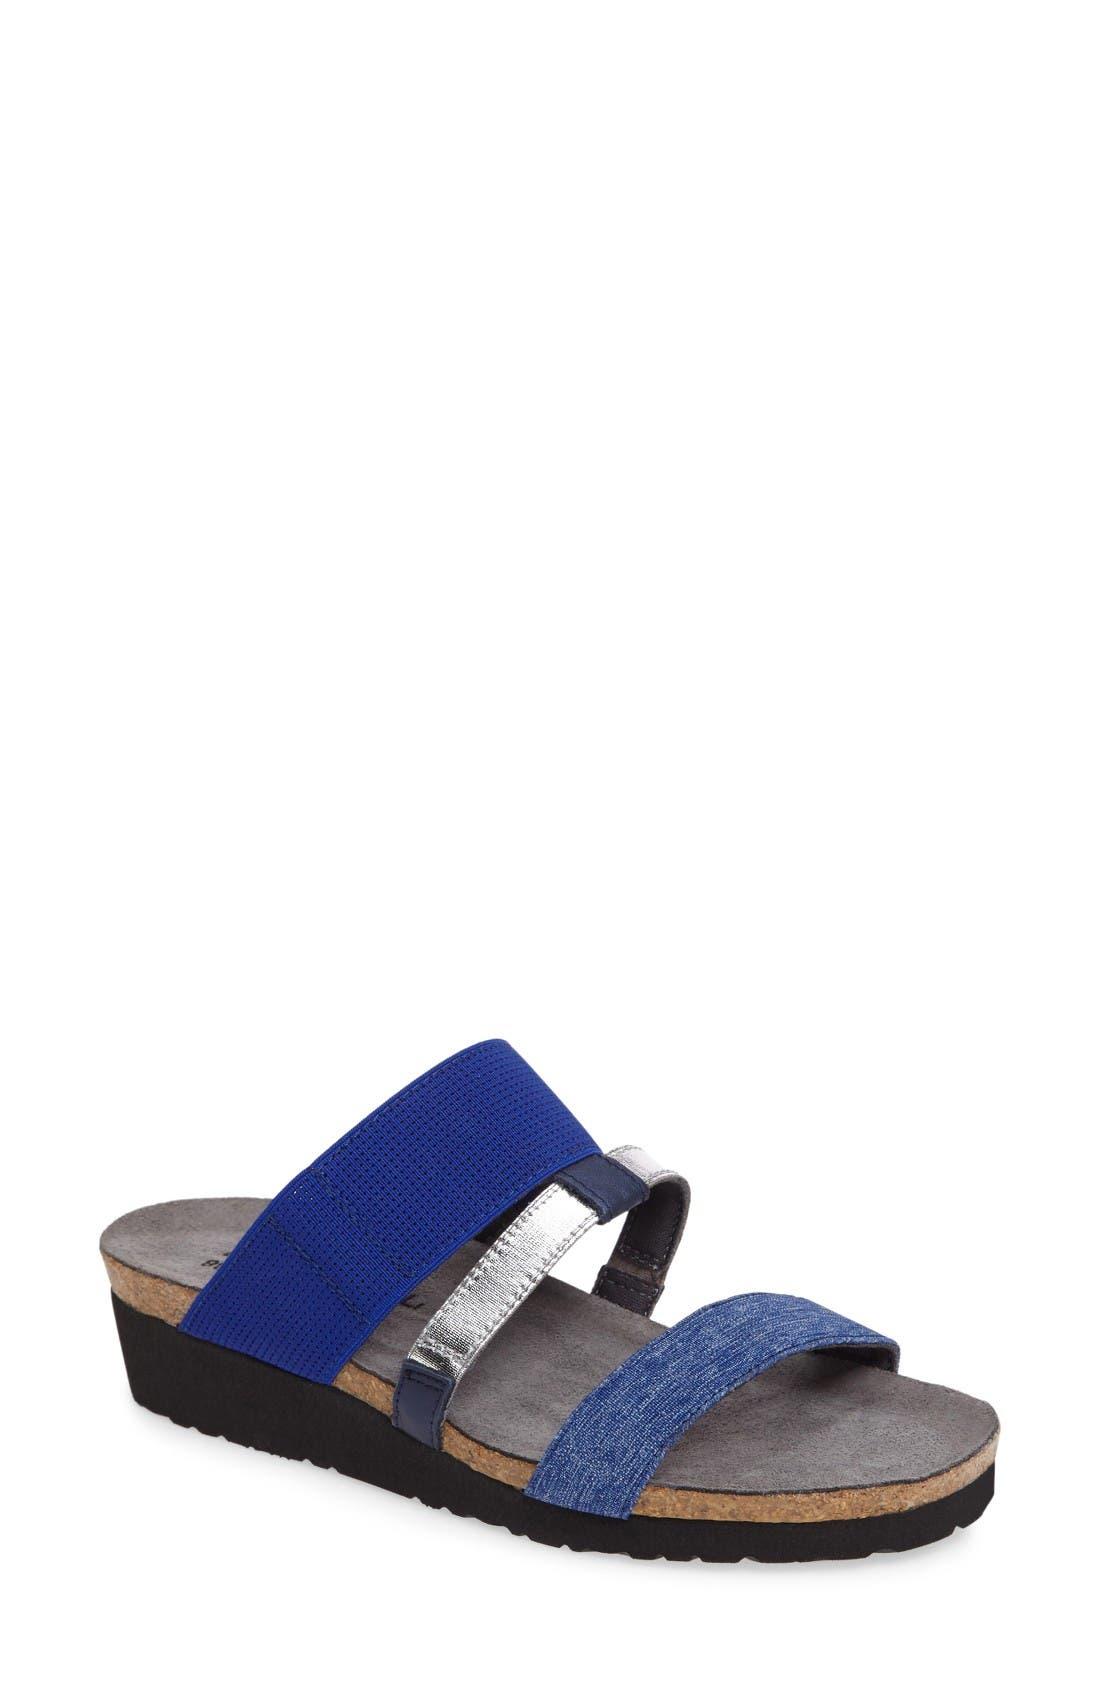 NAOT 'Brenda' Slip-On Sandal